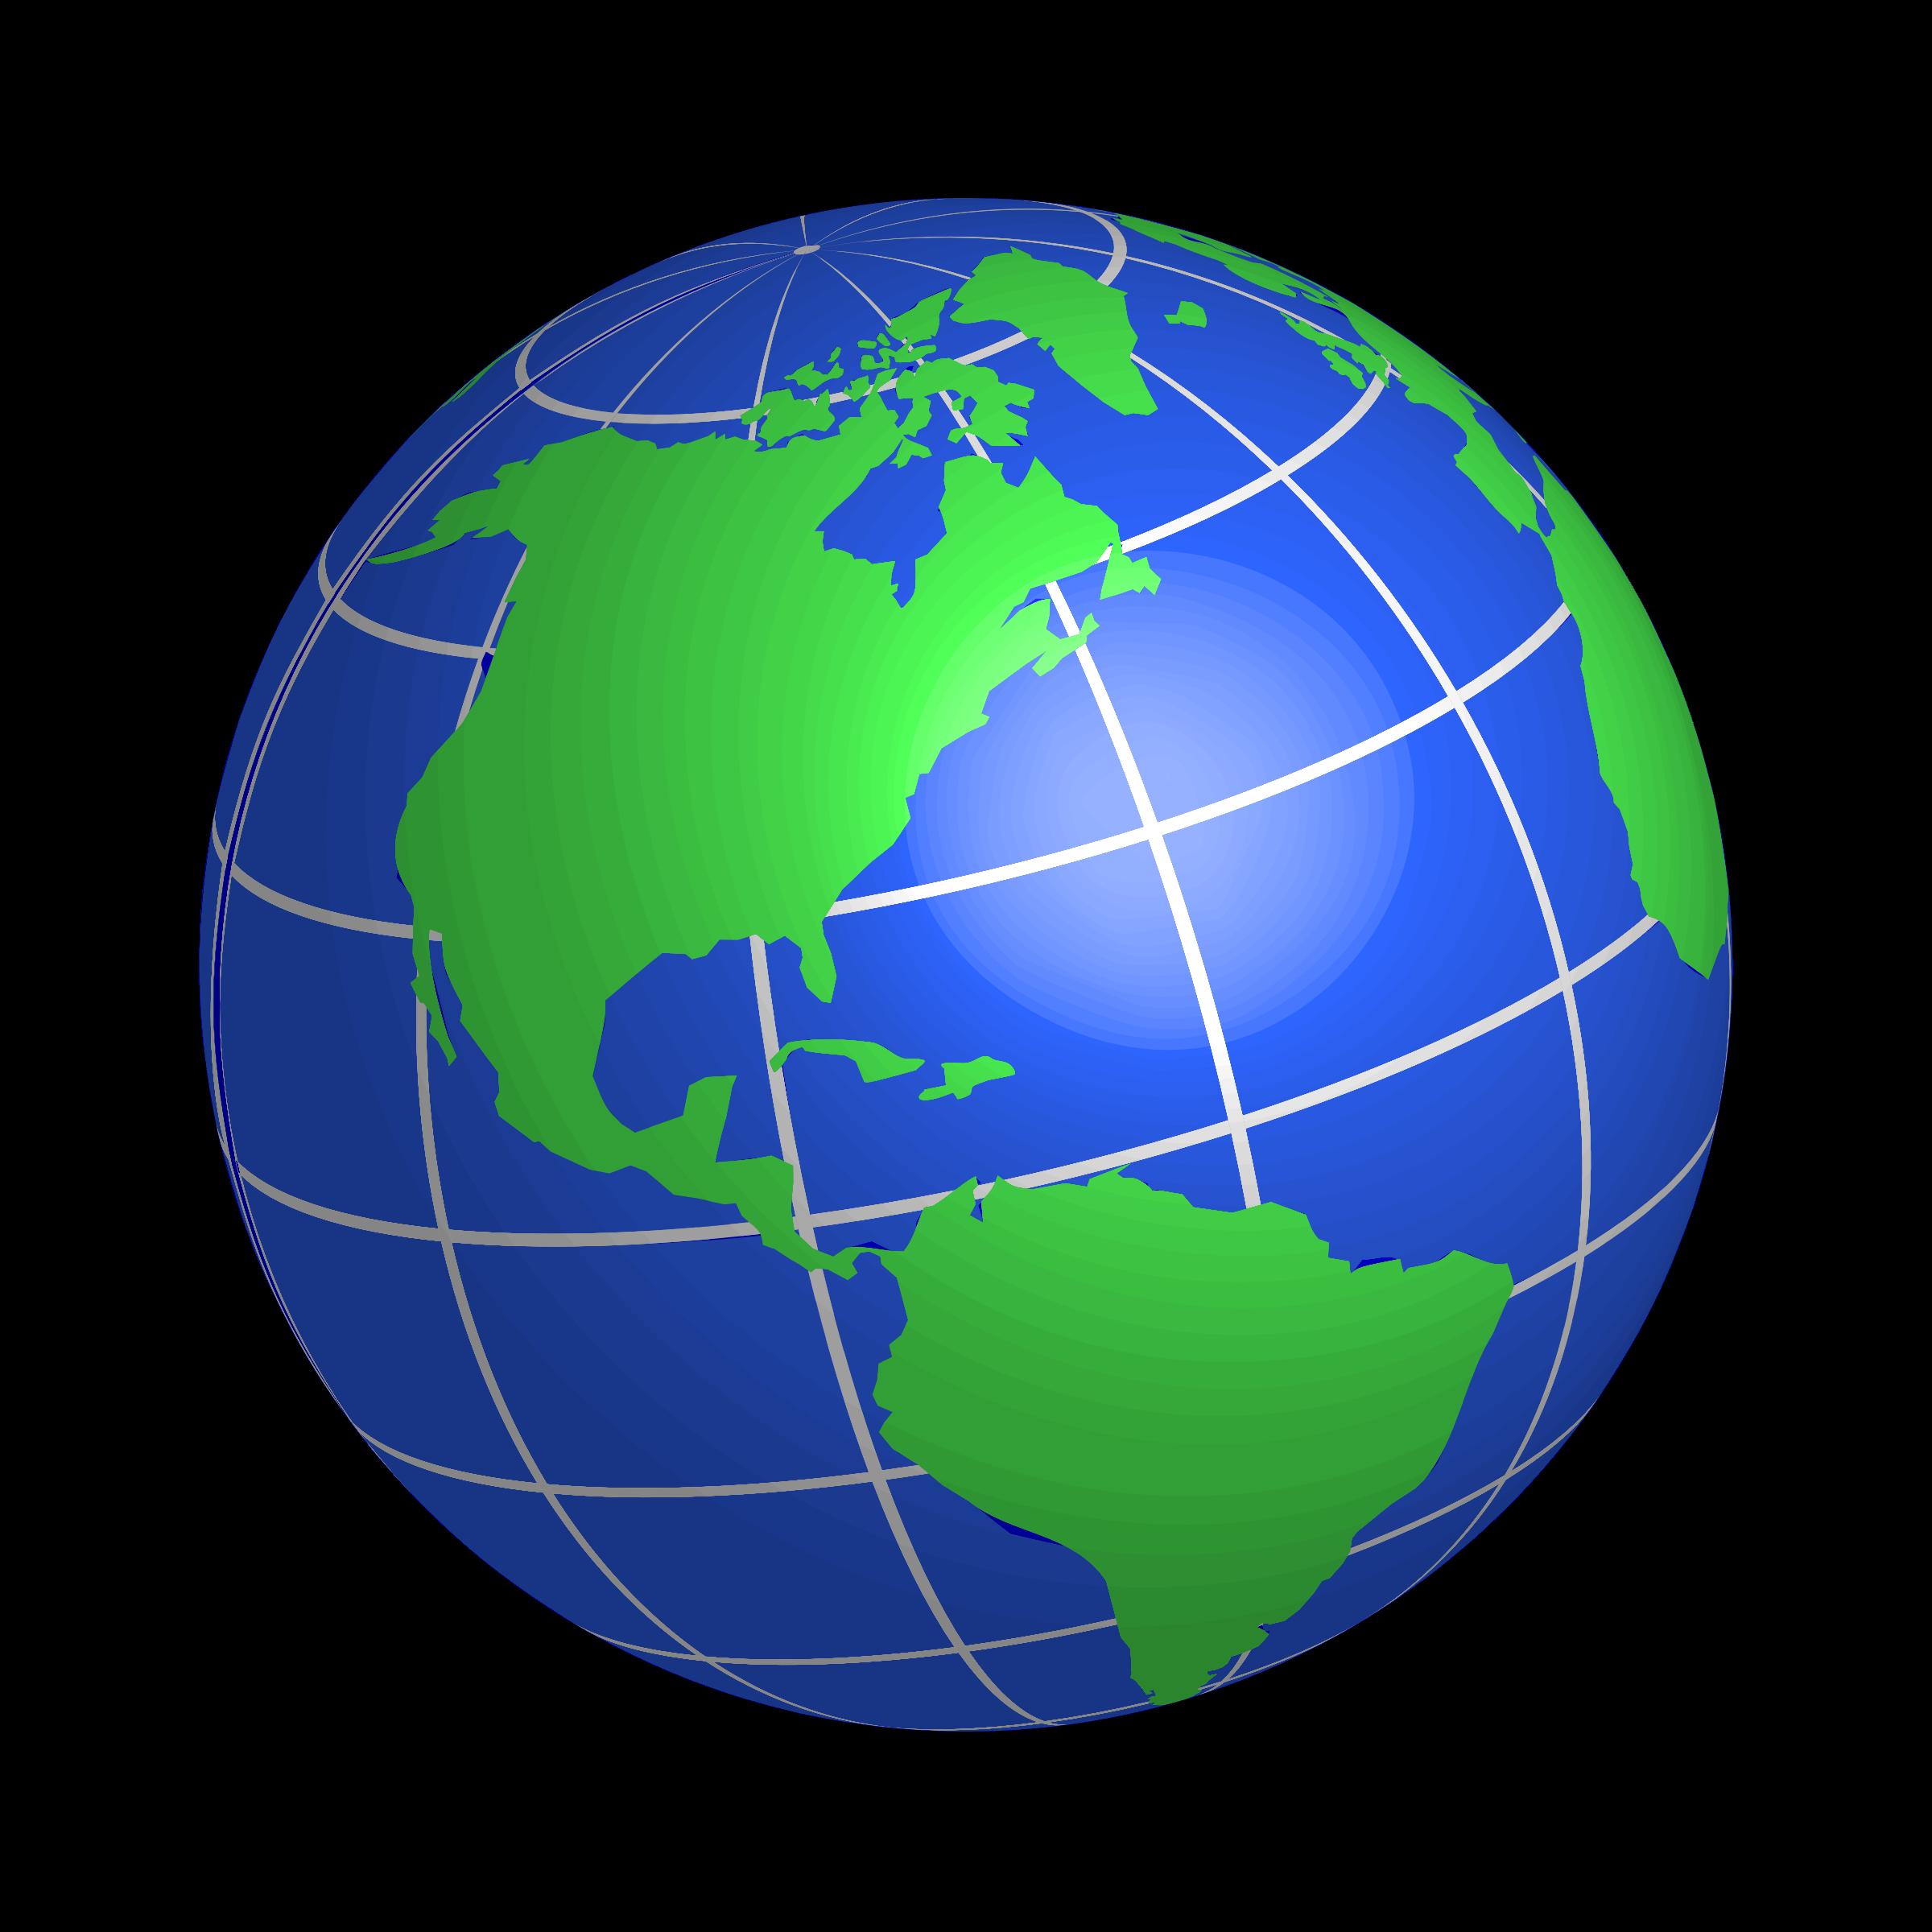 Line Art Globe : Globe line art clipart best